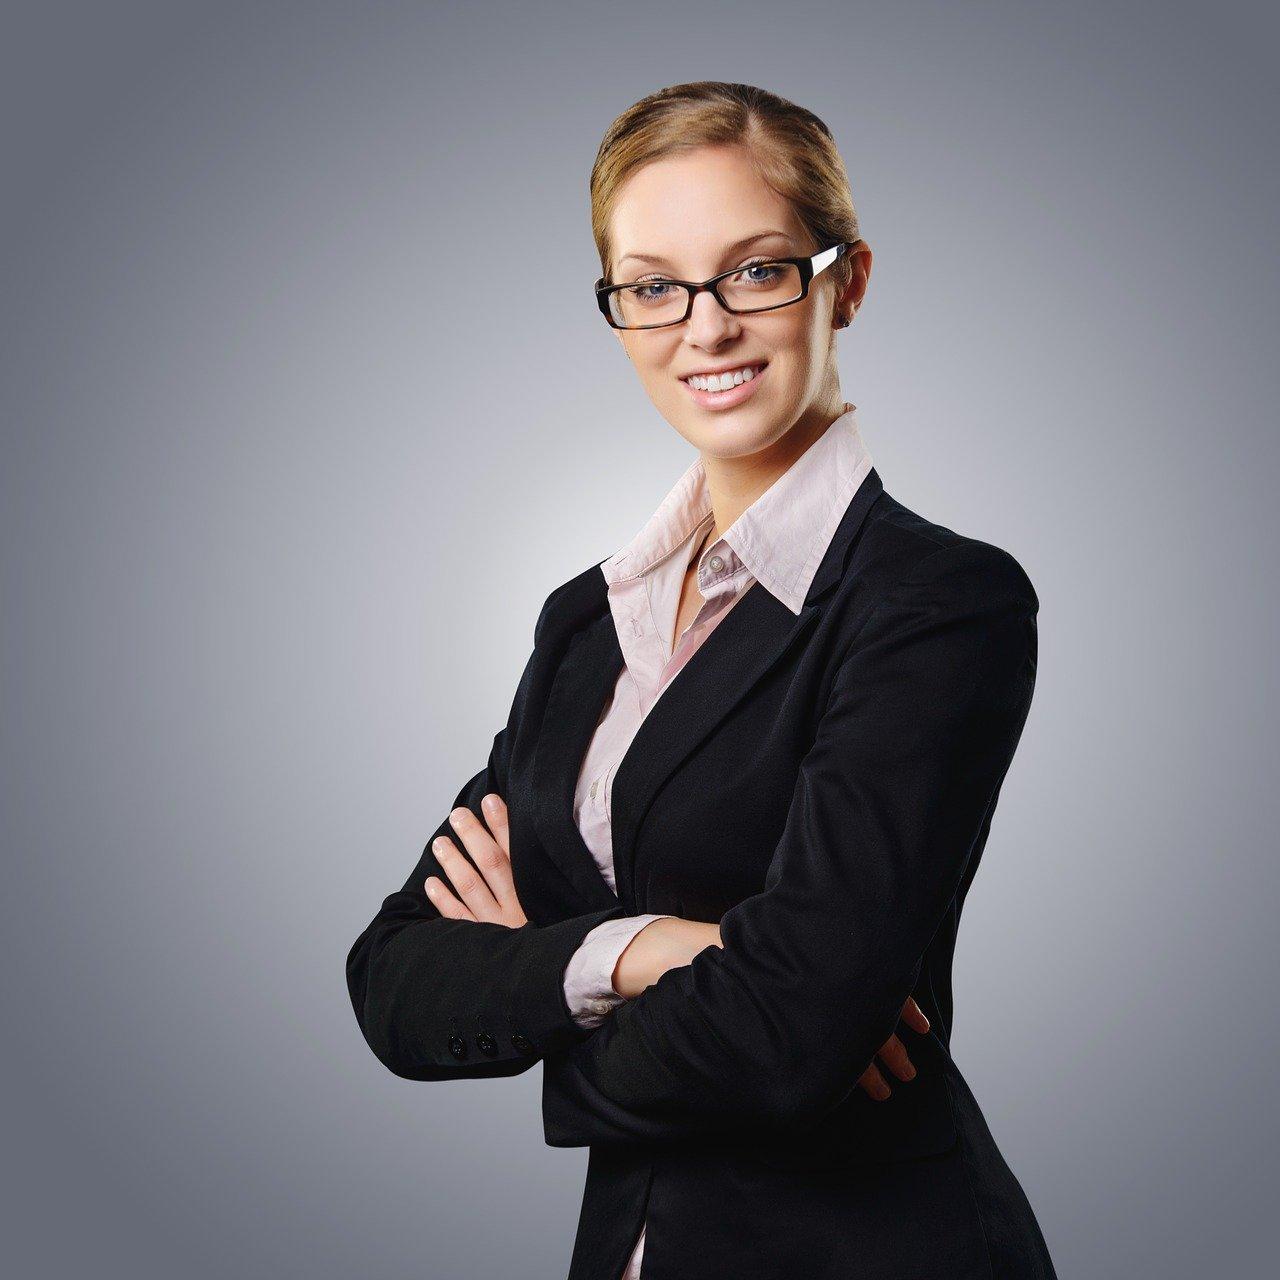 Czy warto założyć własną firmę ochroniarską?